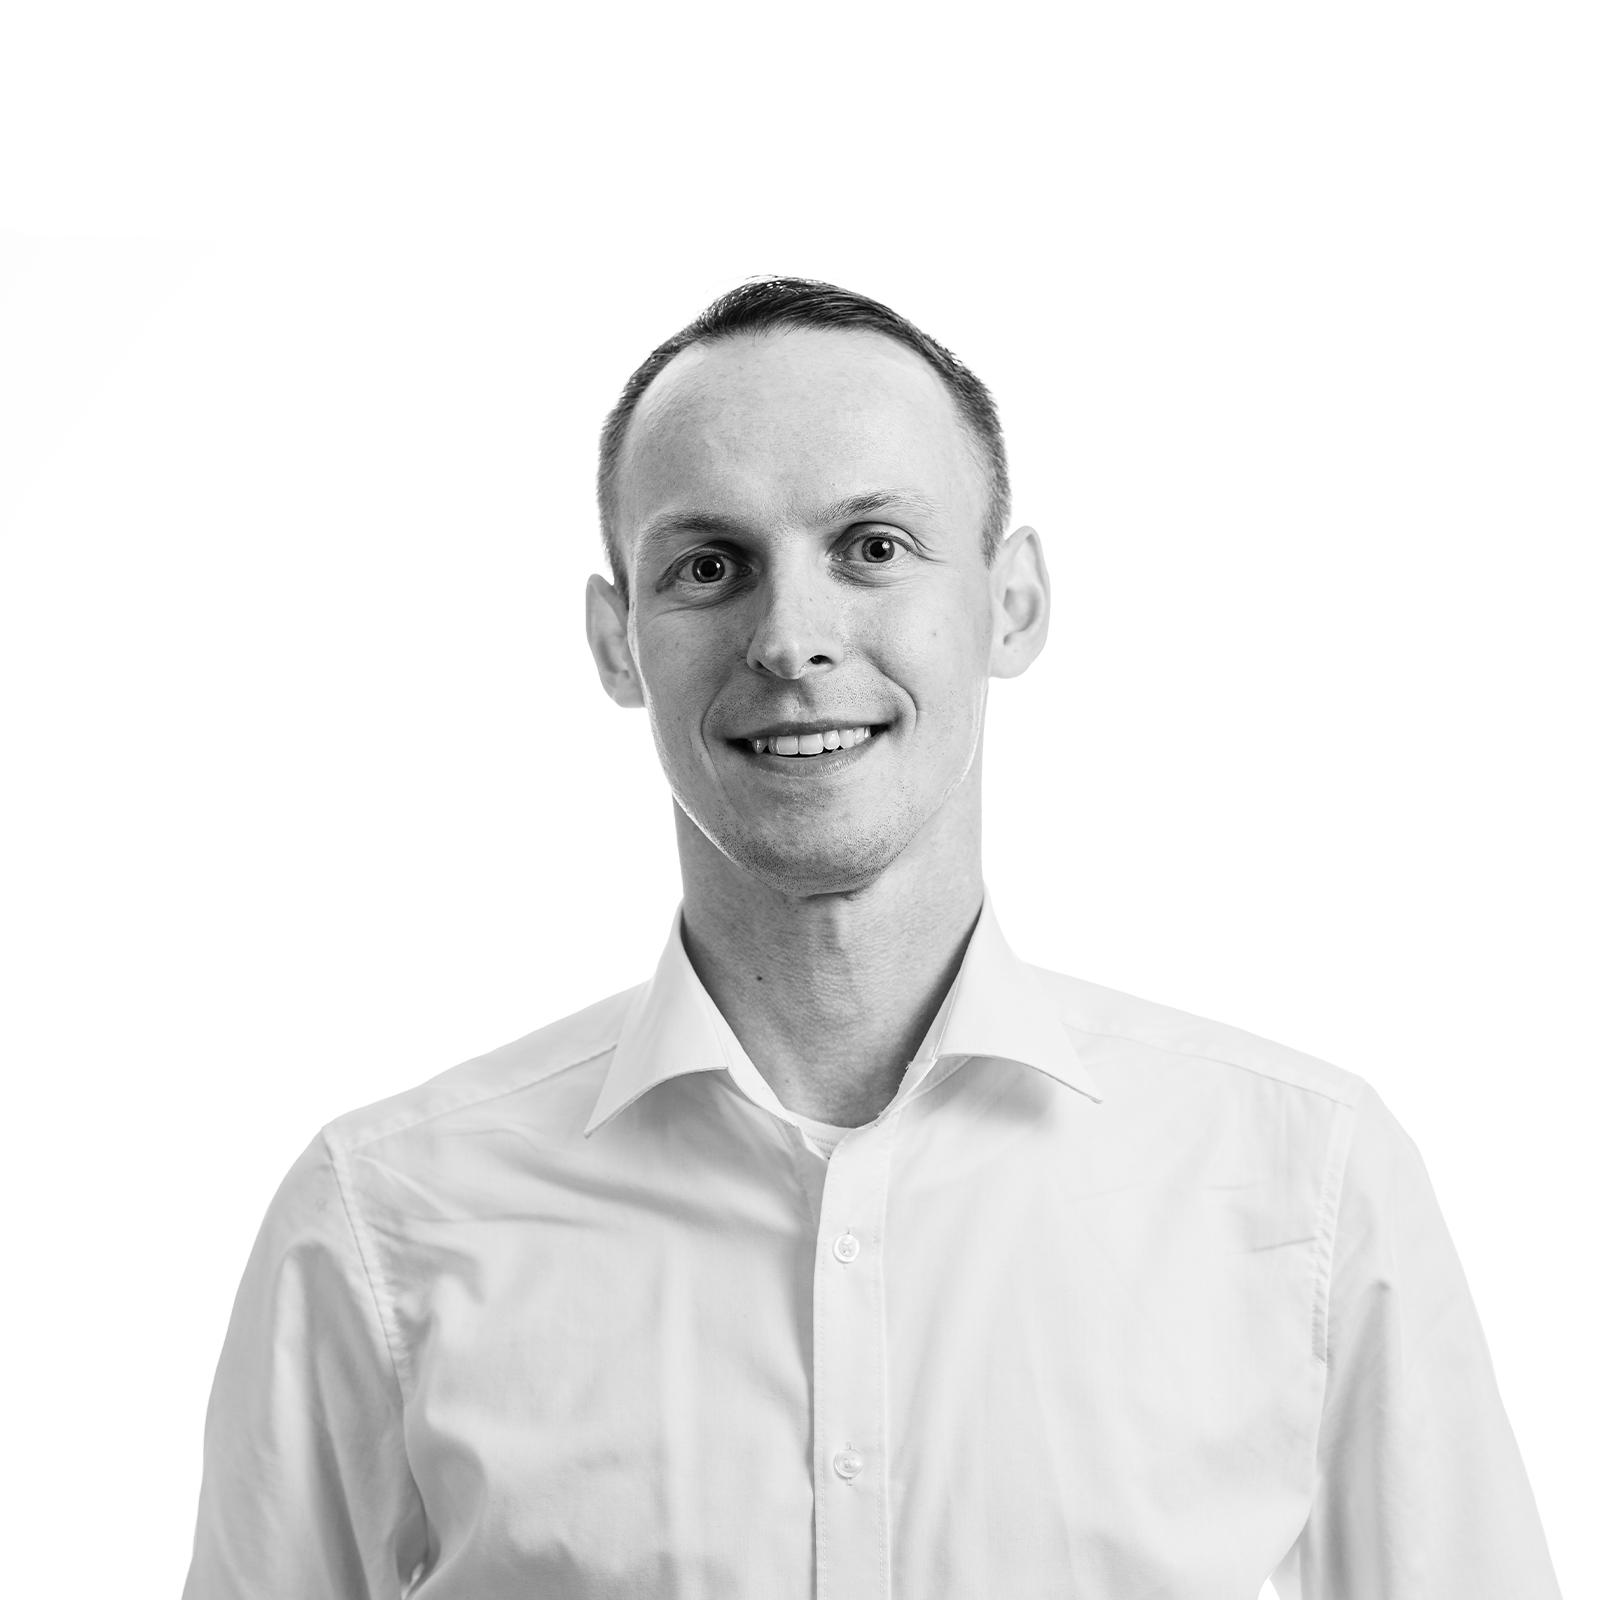 Peter Beckendorf